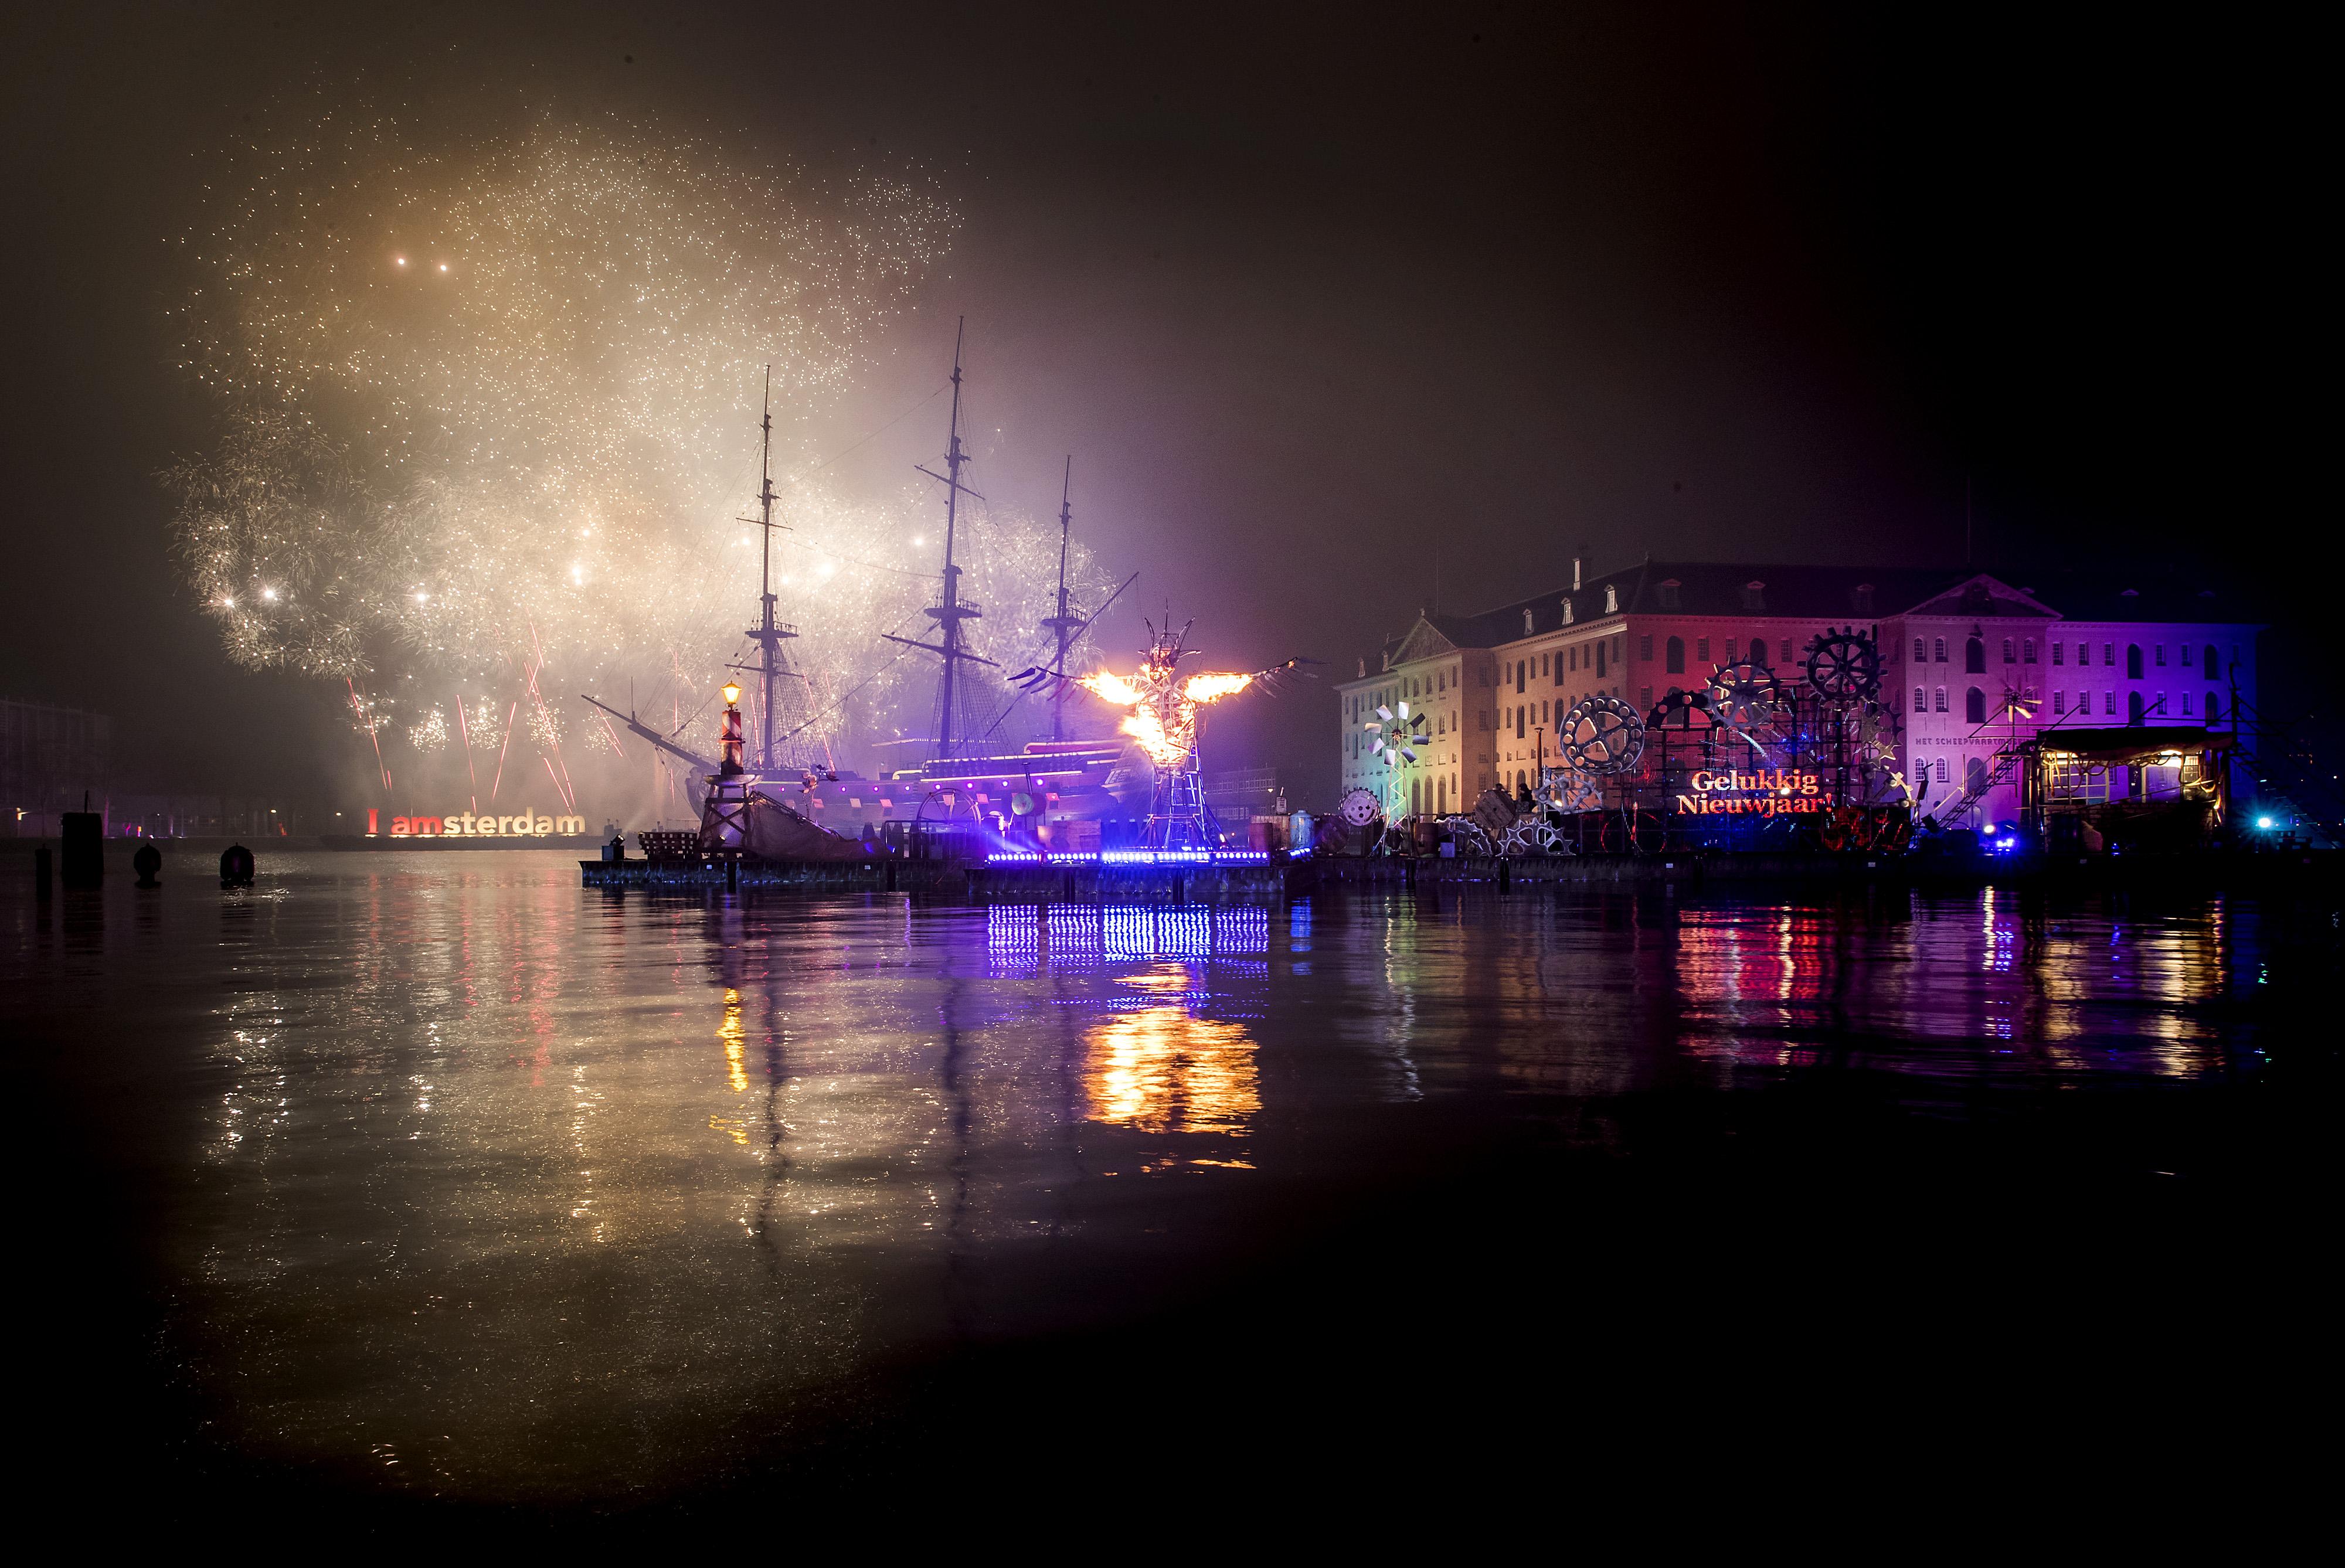 Een vuurwerkshow om 2017 in te luiden op het Oosterdok bij het Scheepvaartmuseum. / Koen van Weel | ANP